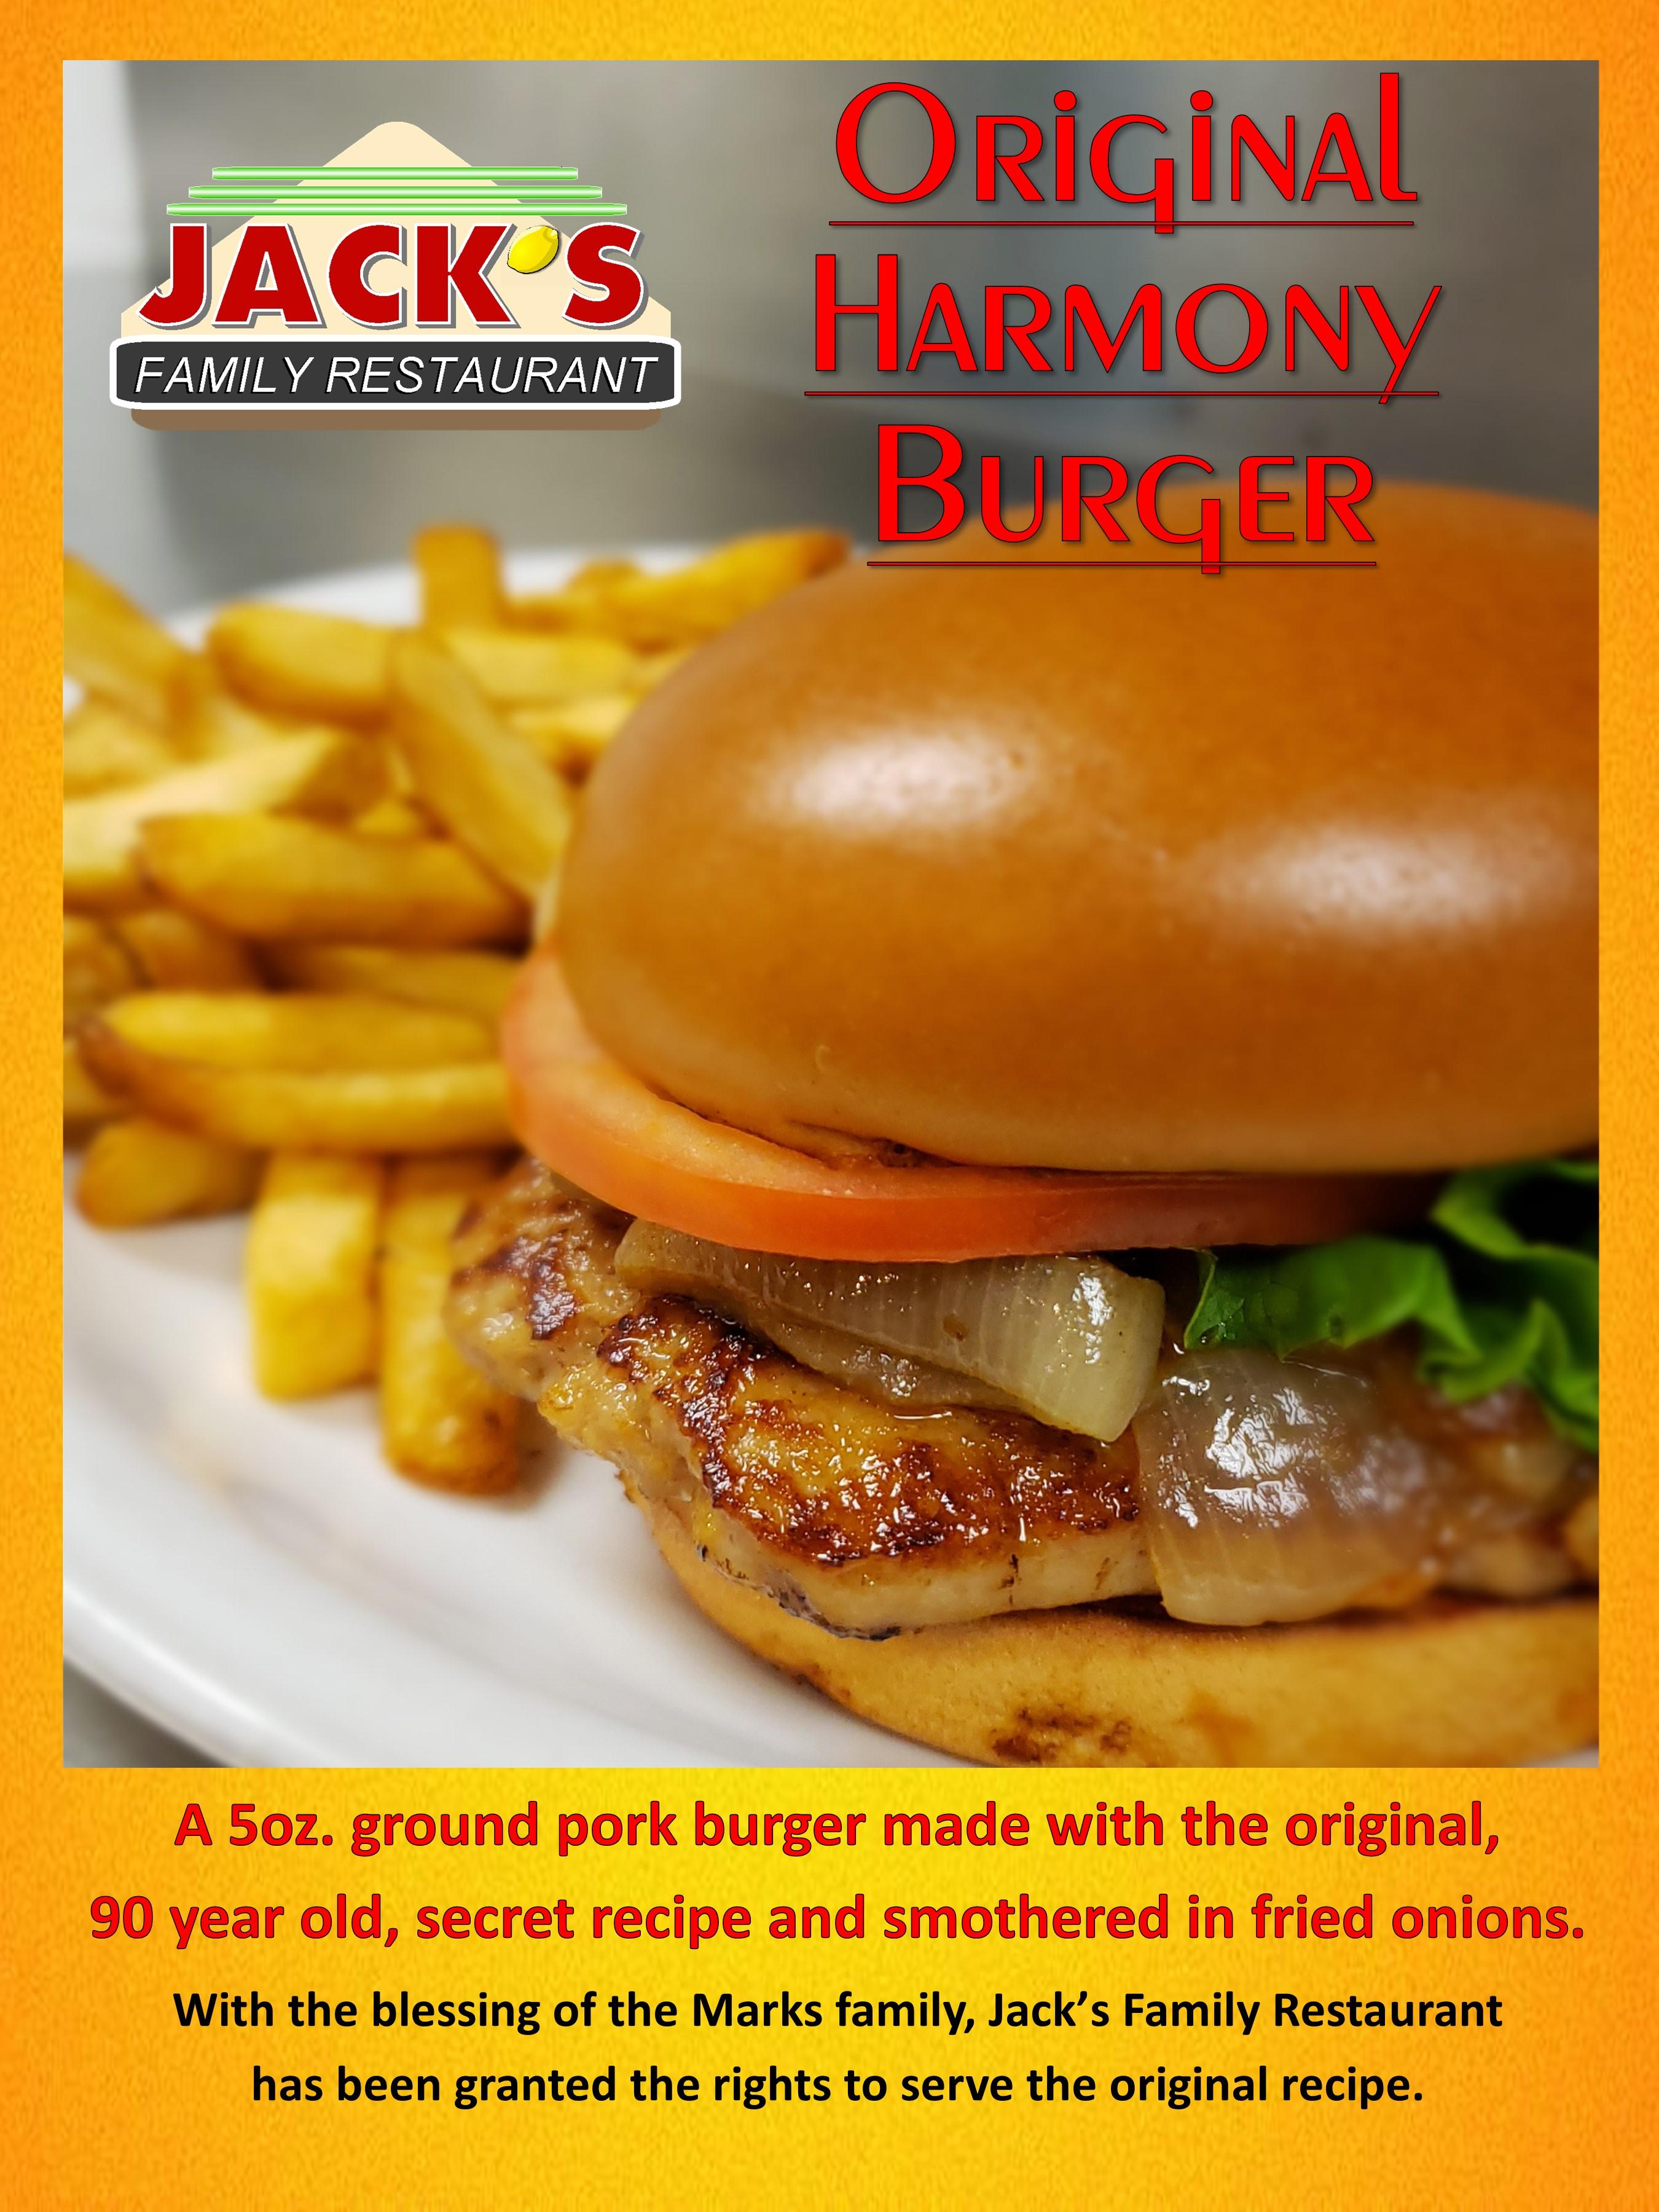 Harmony Burger